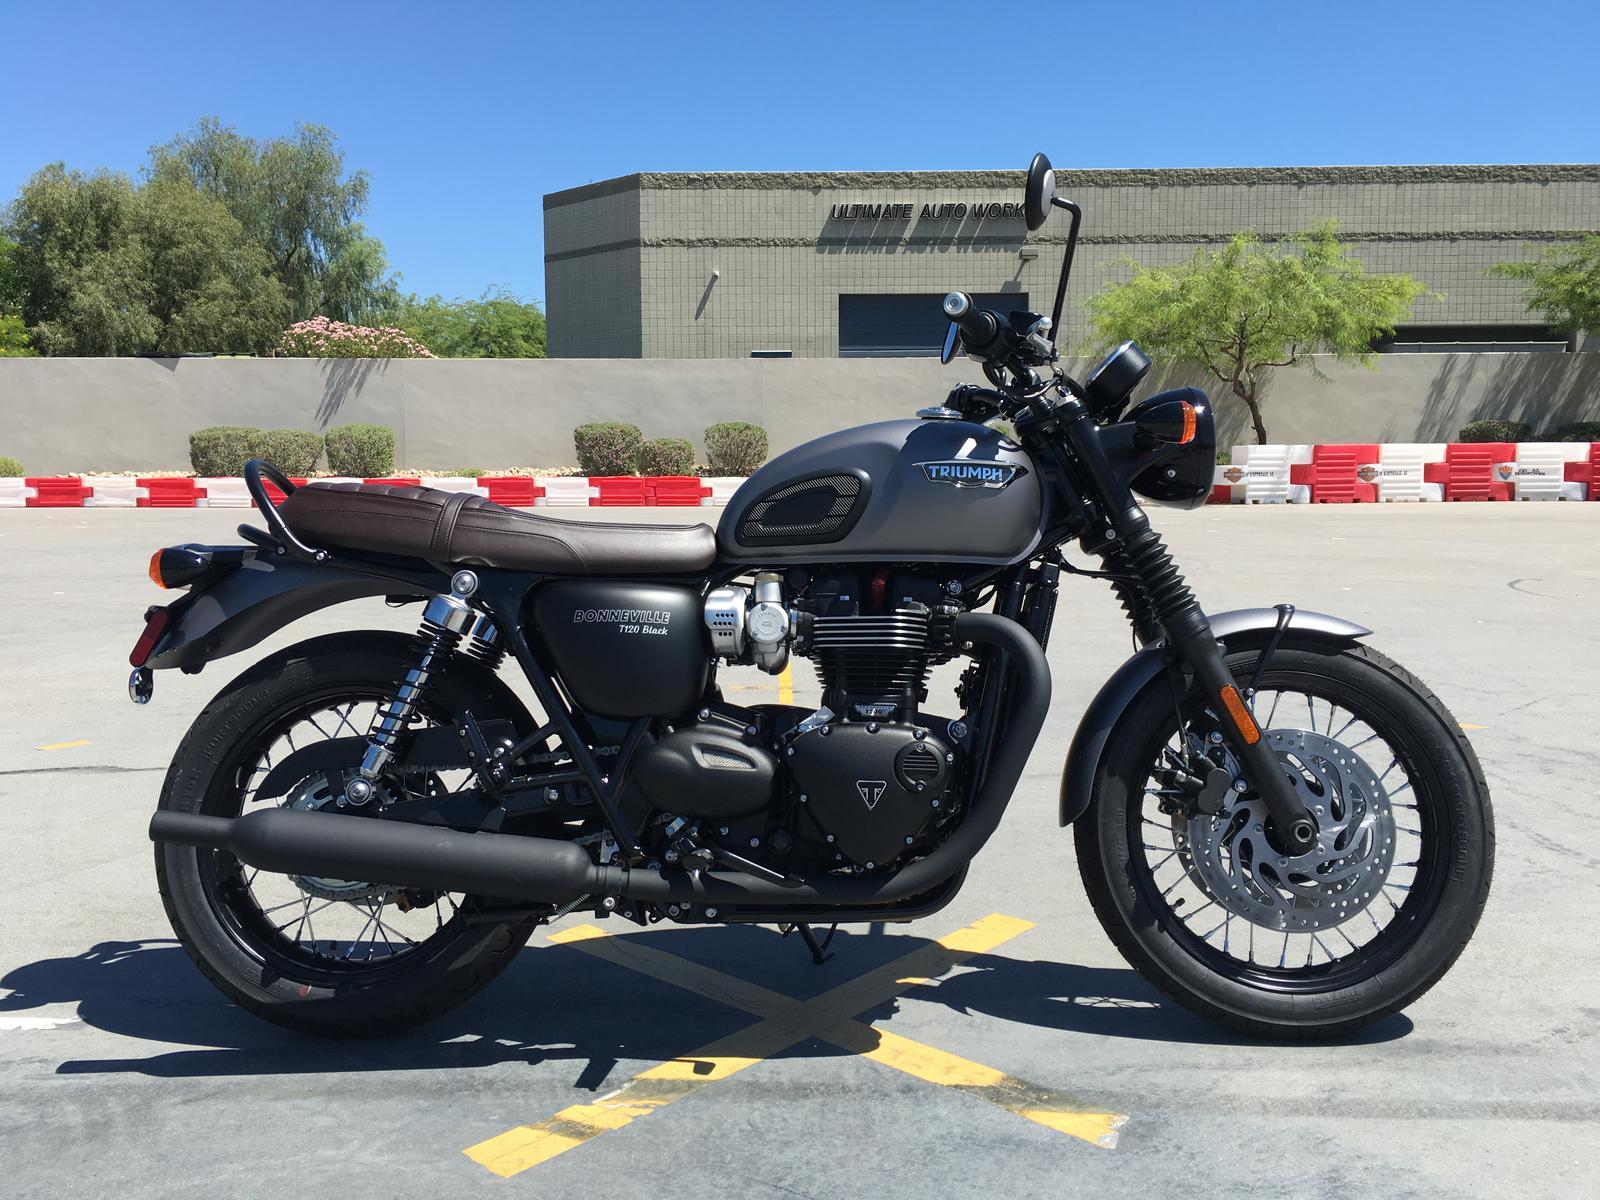 2018 Triumph Bonneville T120 Black Matte For Sale In Scottsdale